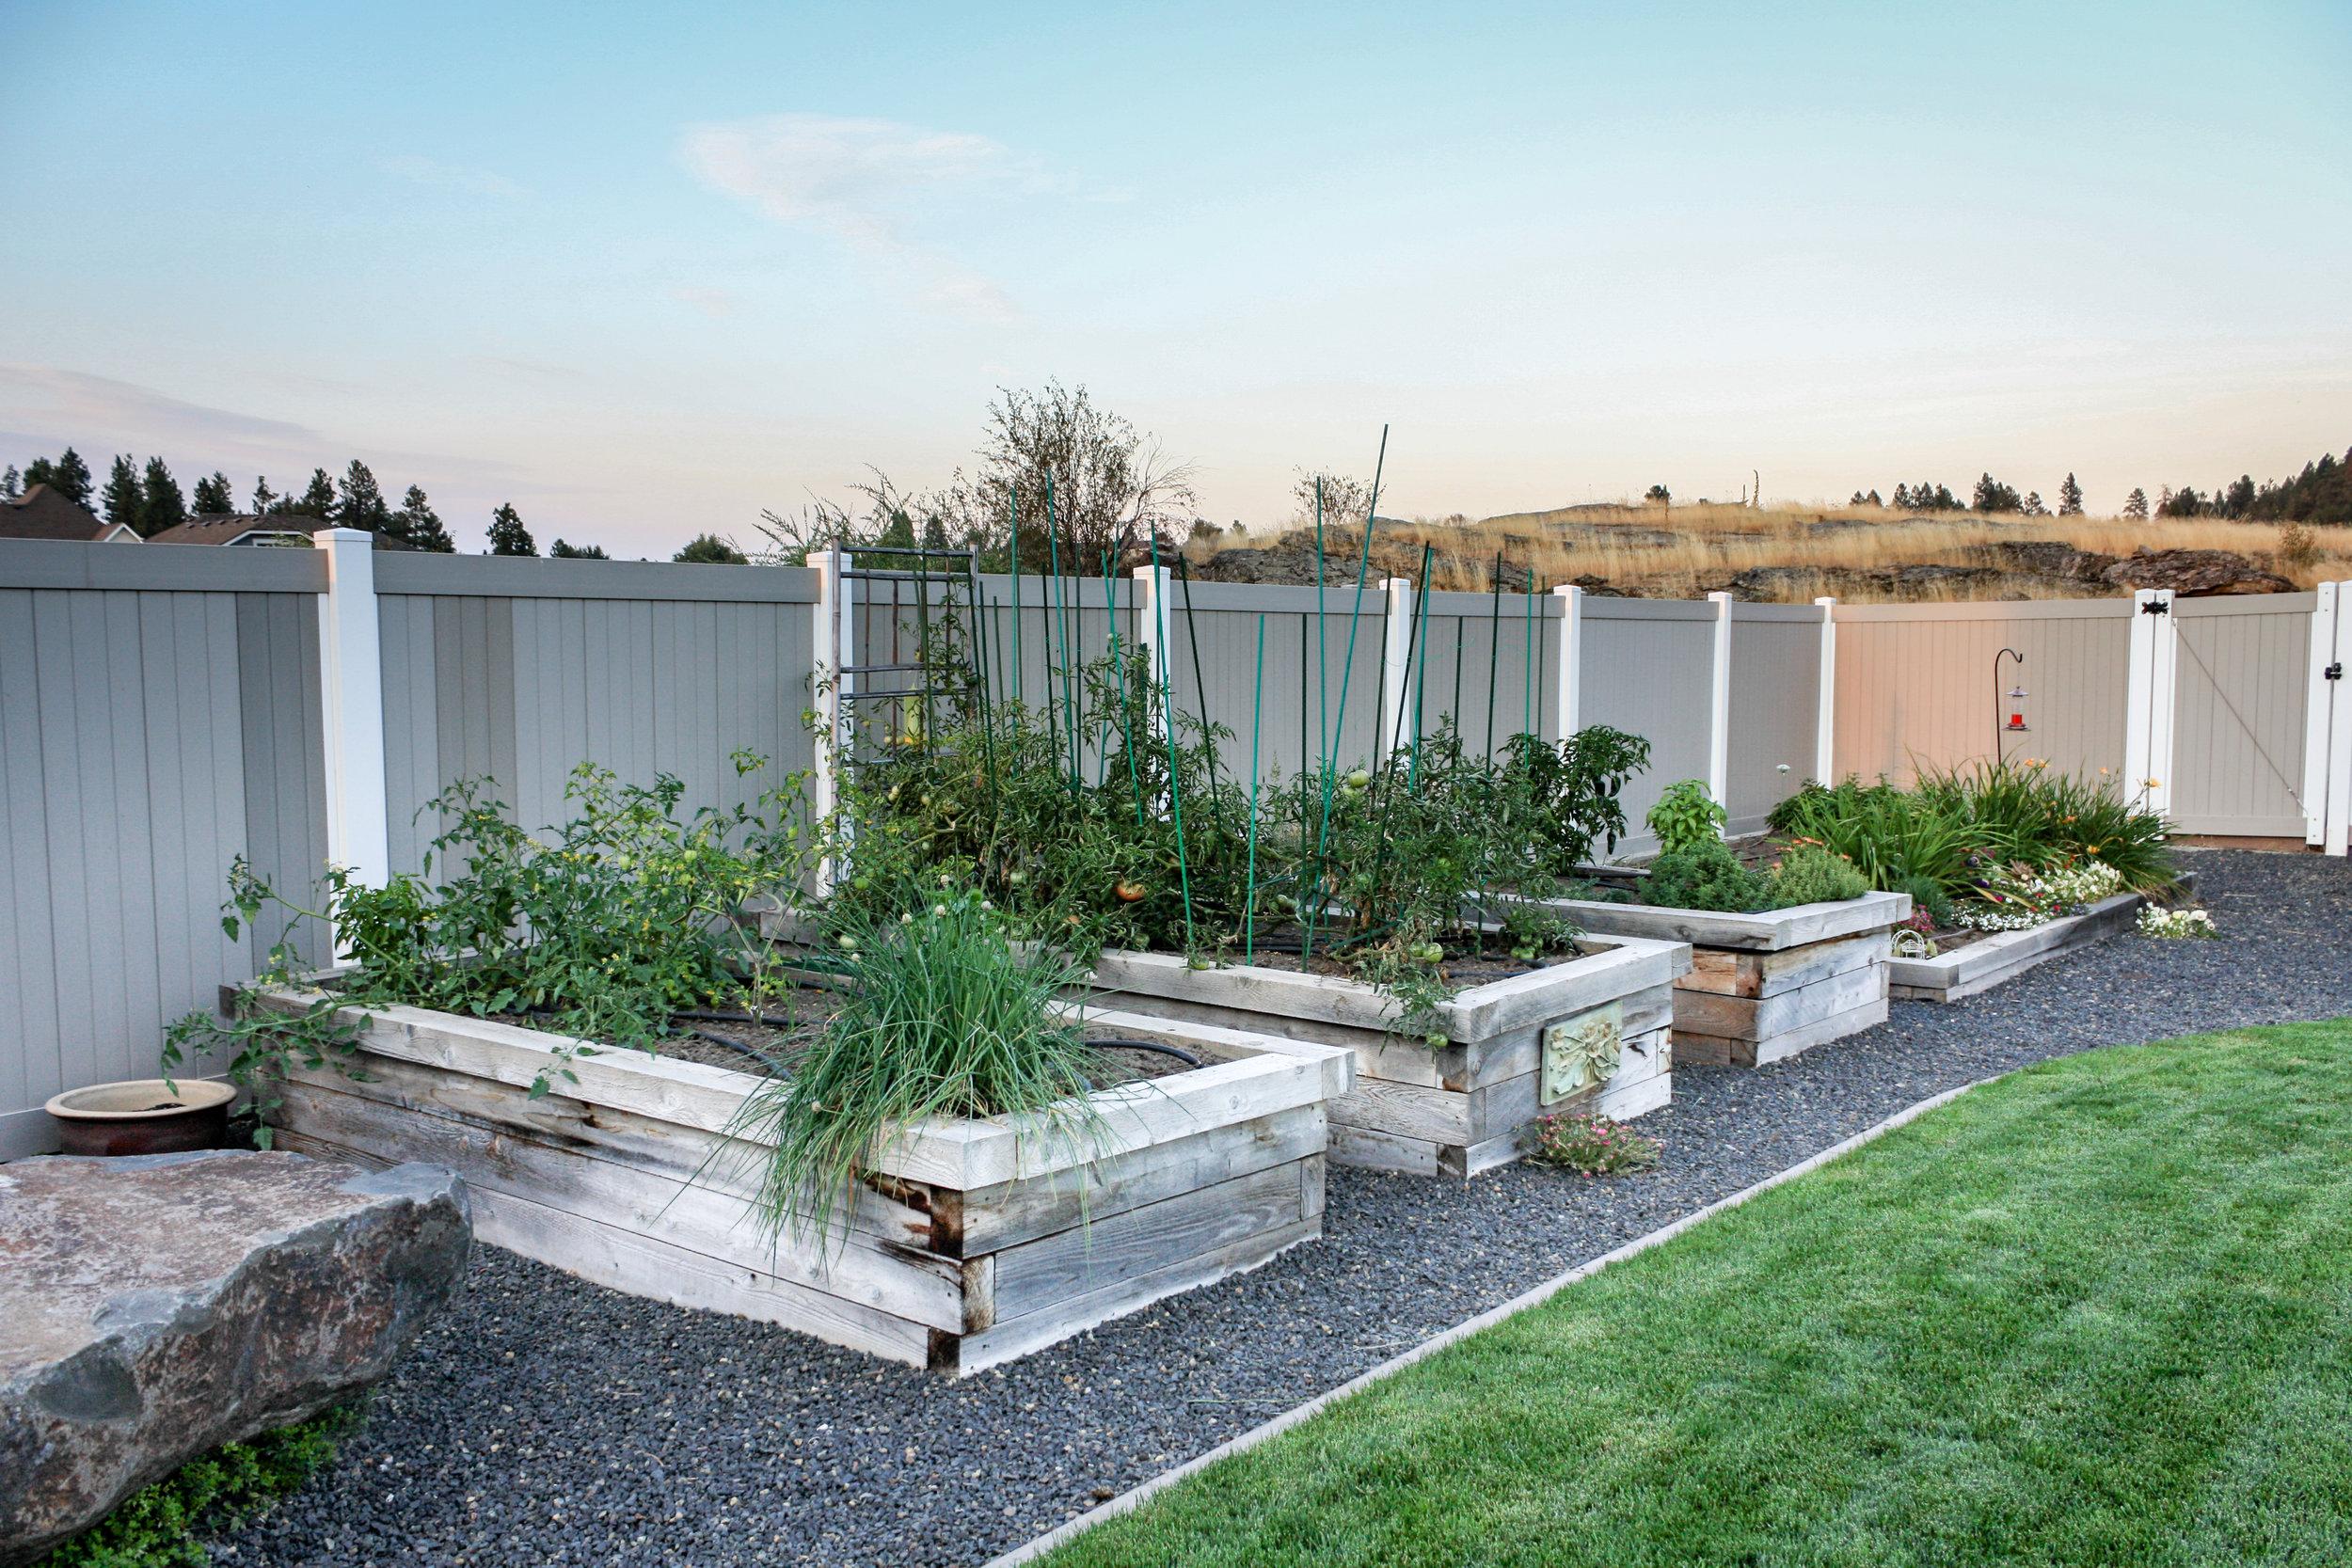 spokane valley raised garden beds